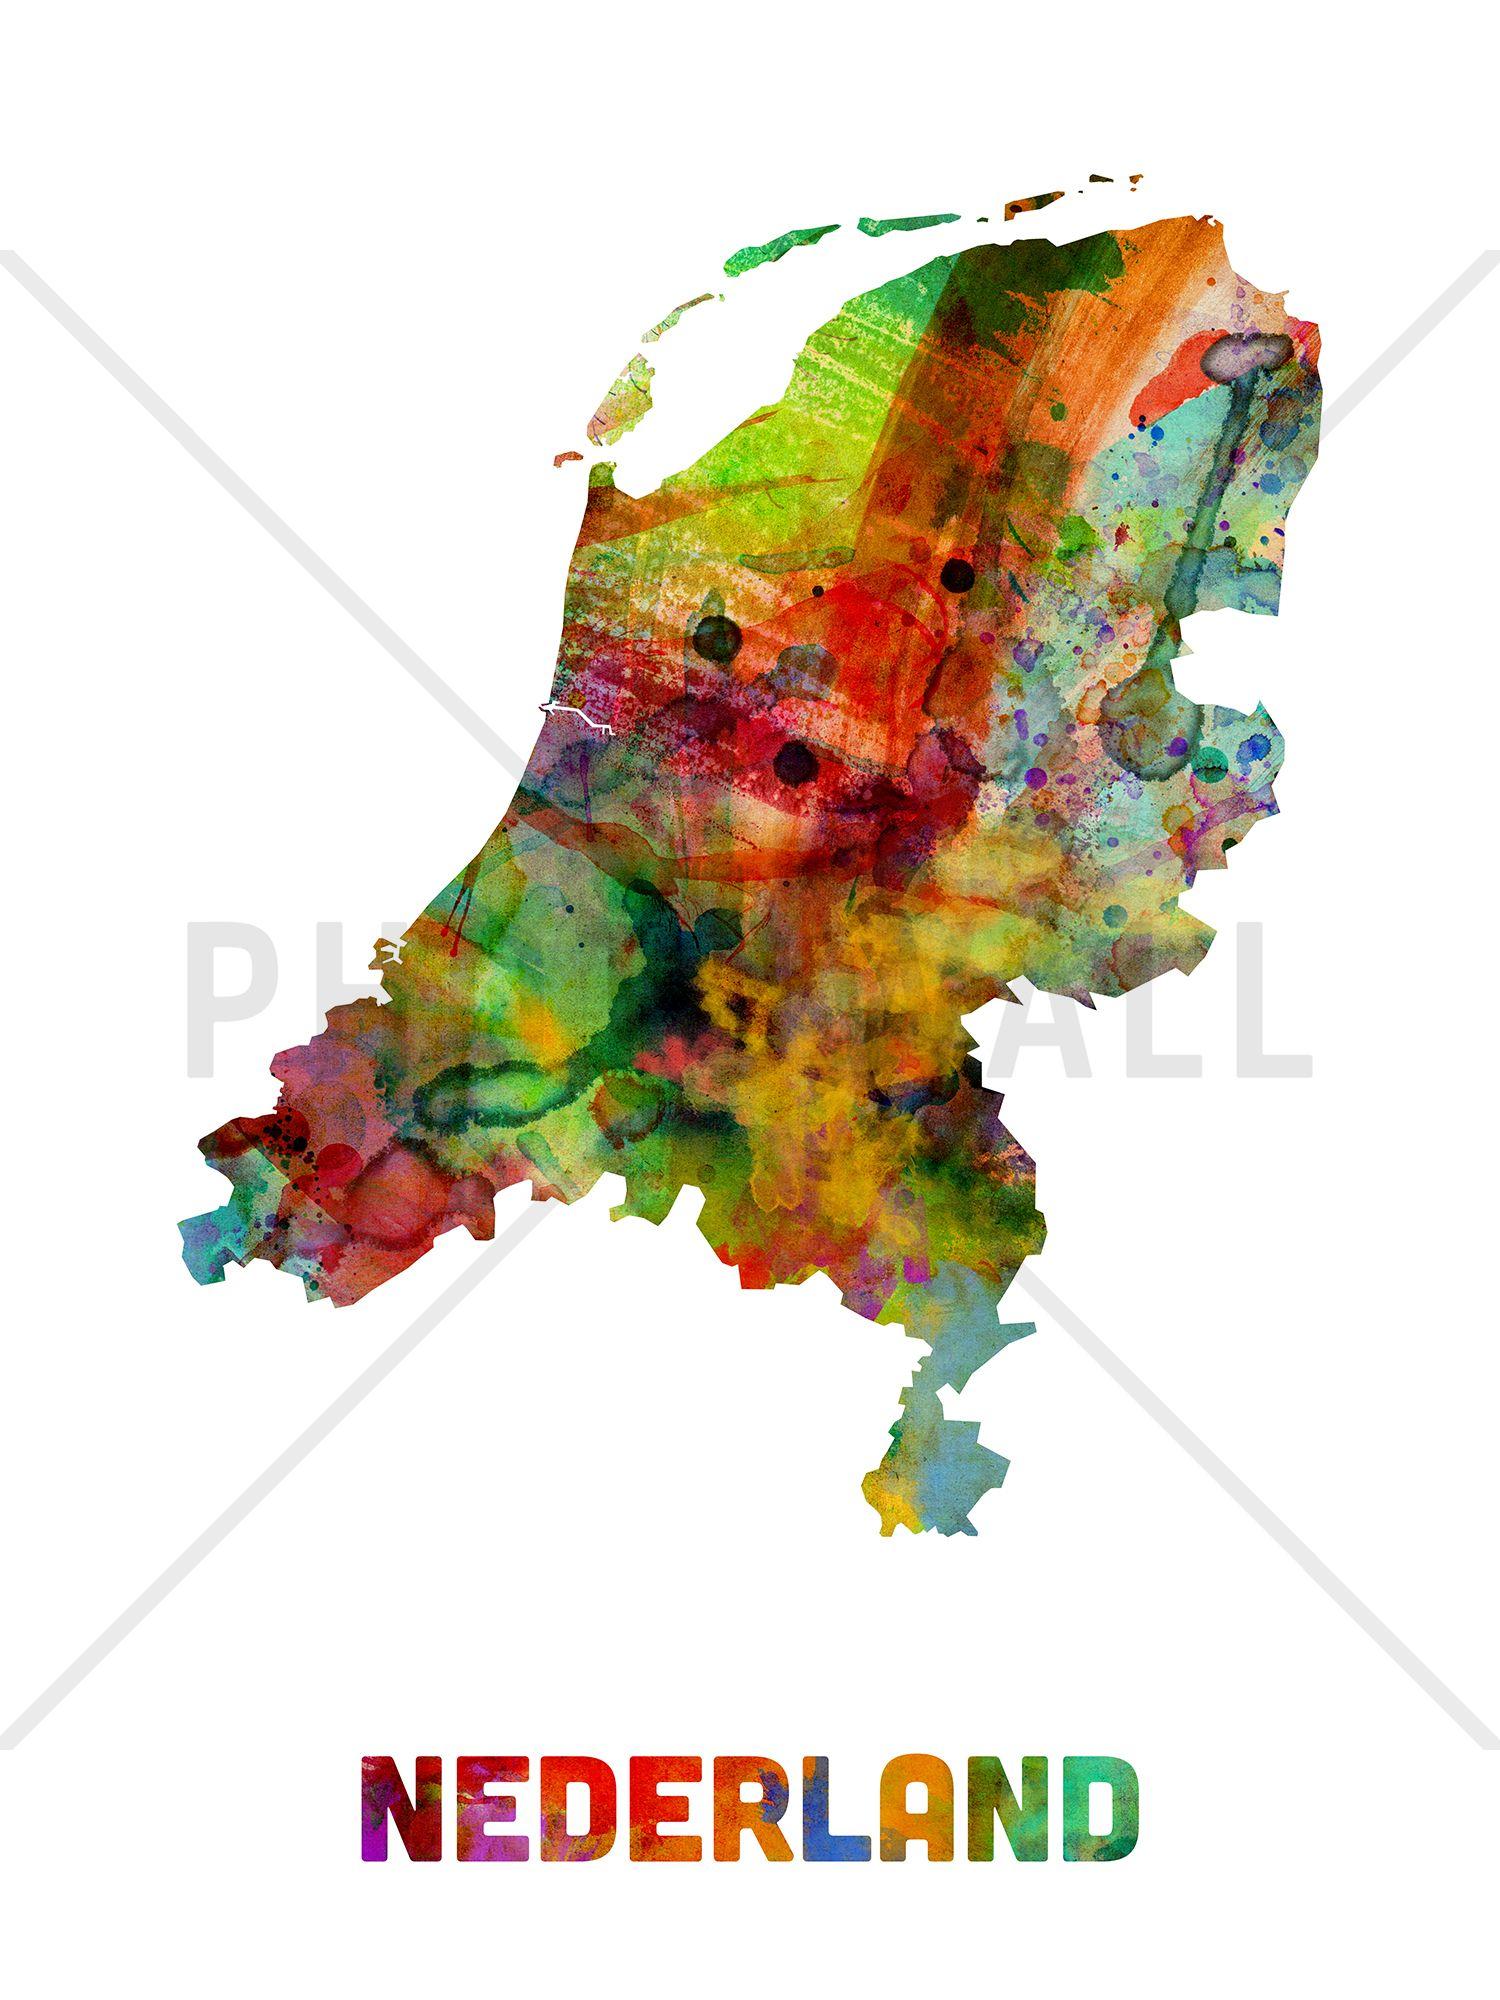 Netherlands Watercolor Map Decoration Murale Papier Peint